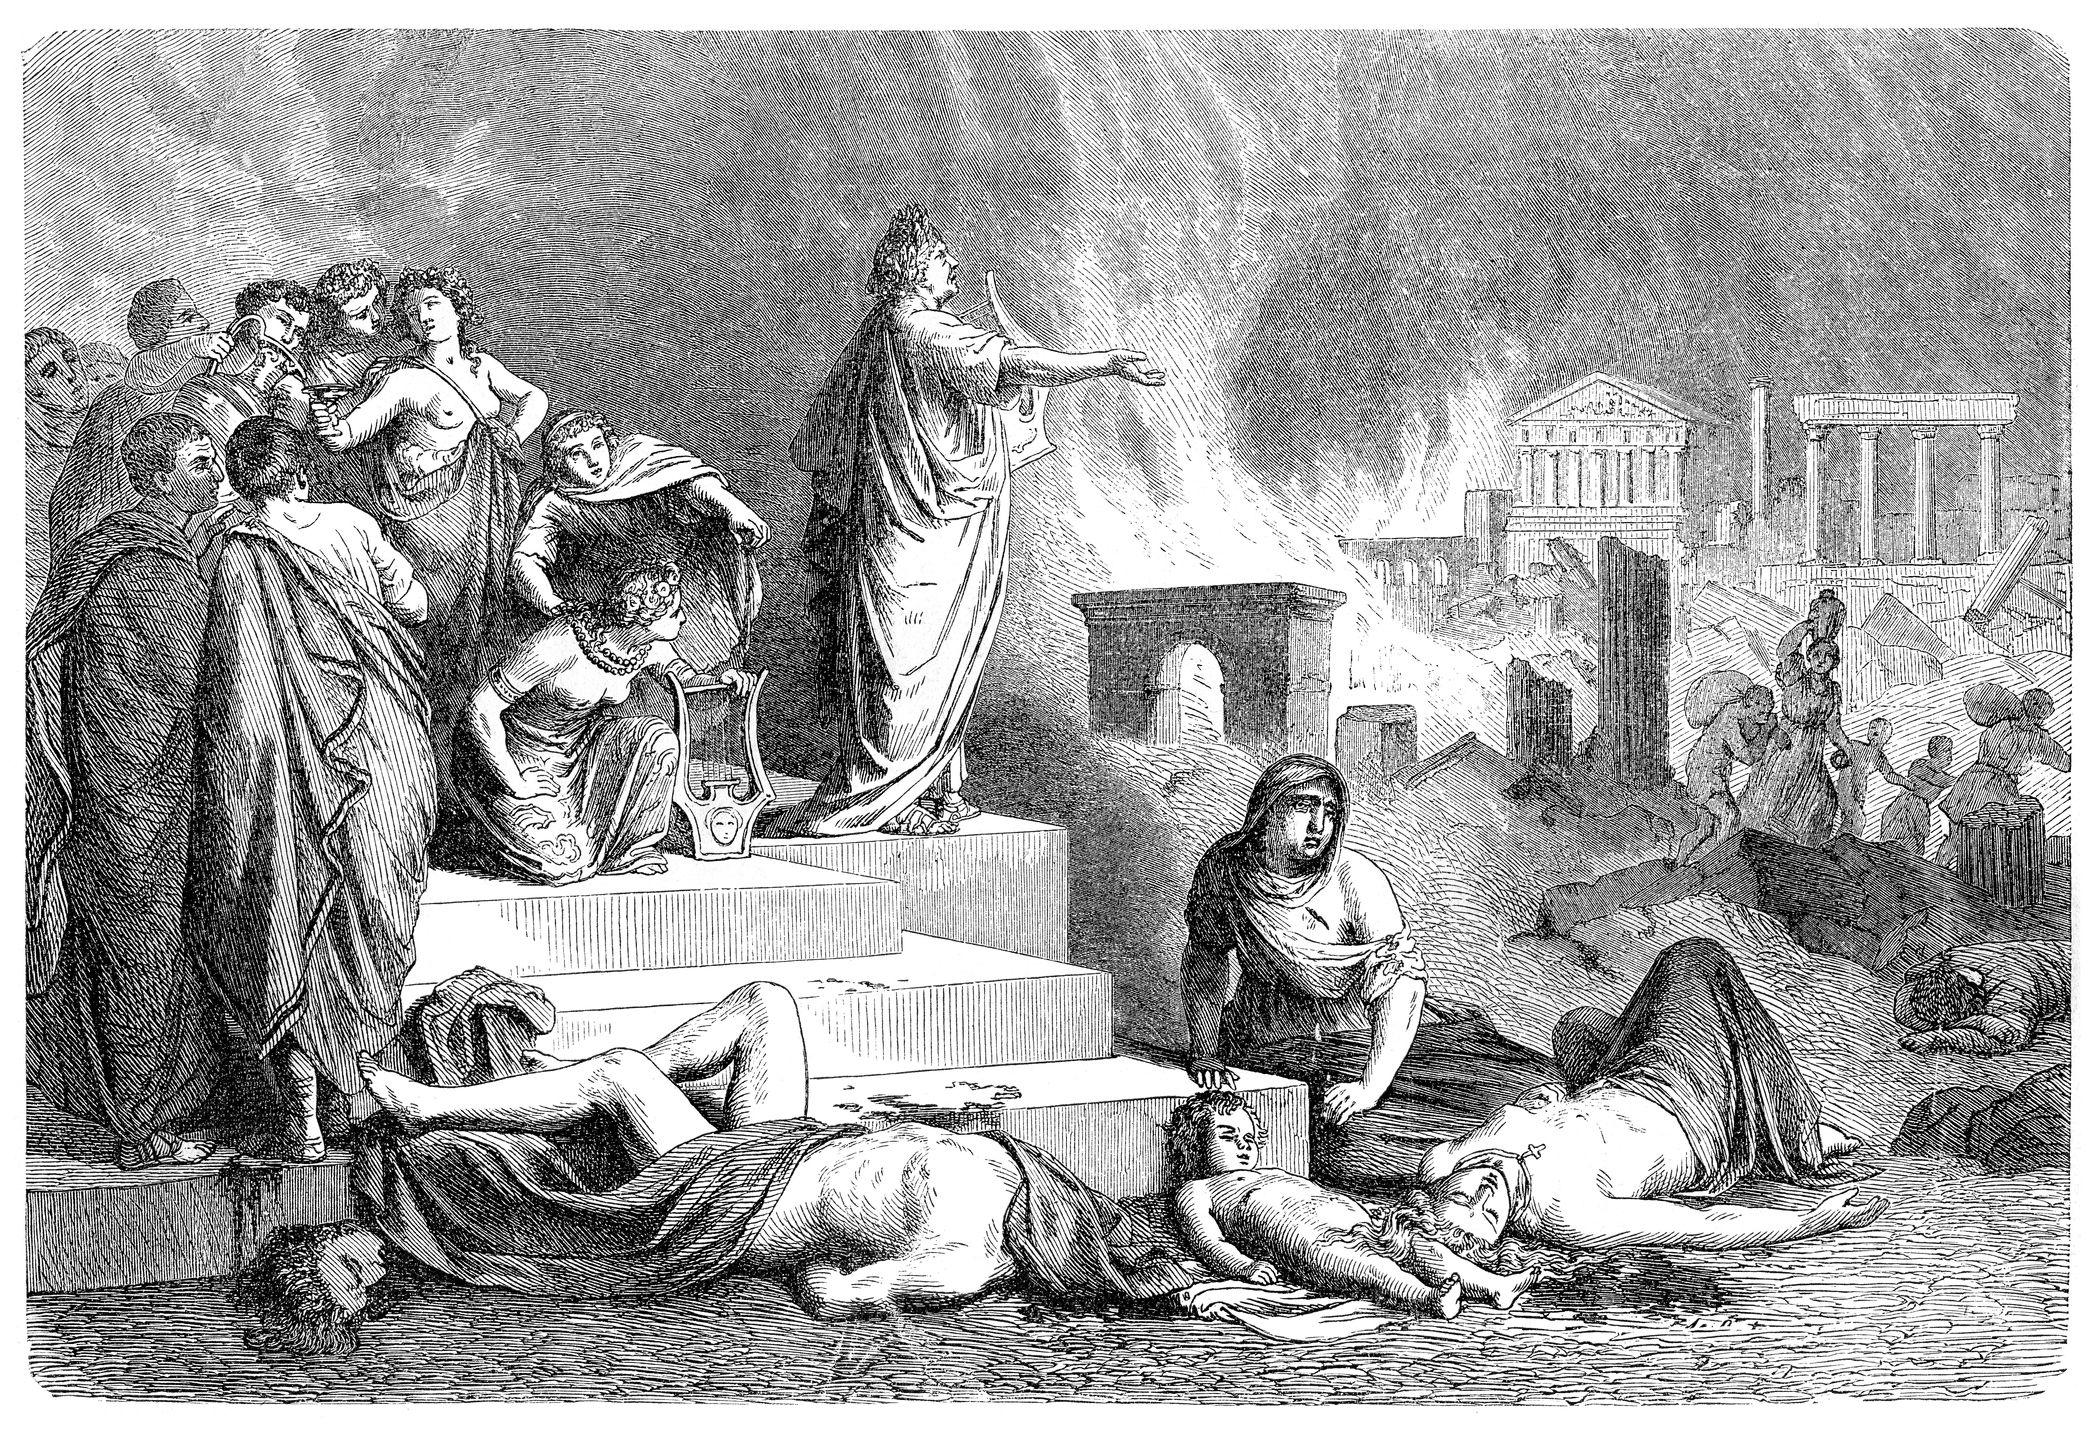 Roma este de ardere, dar Nero nu a făcut-o